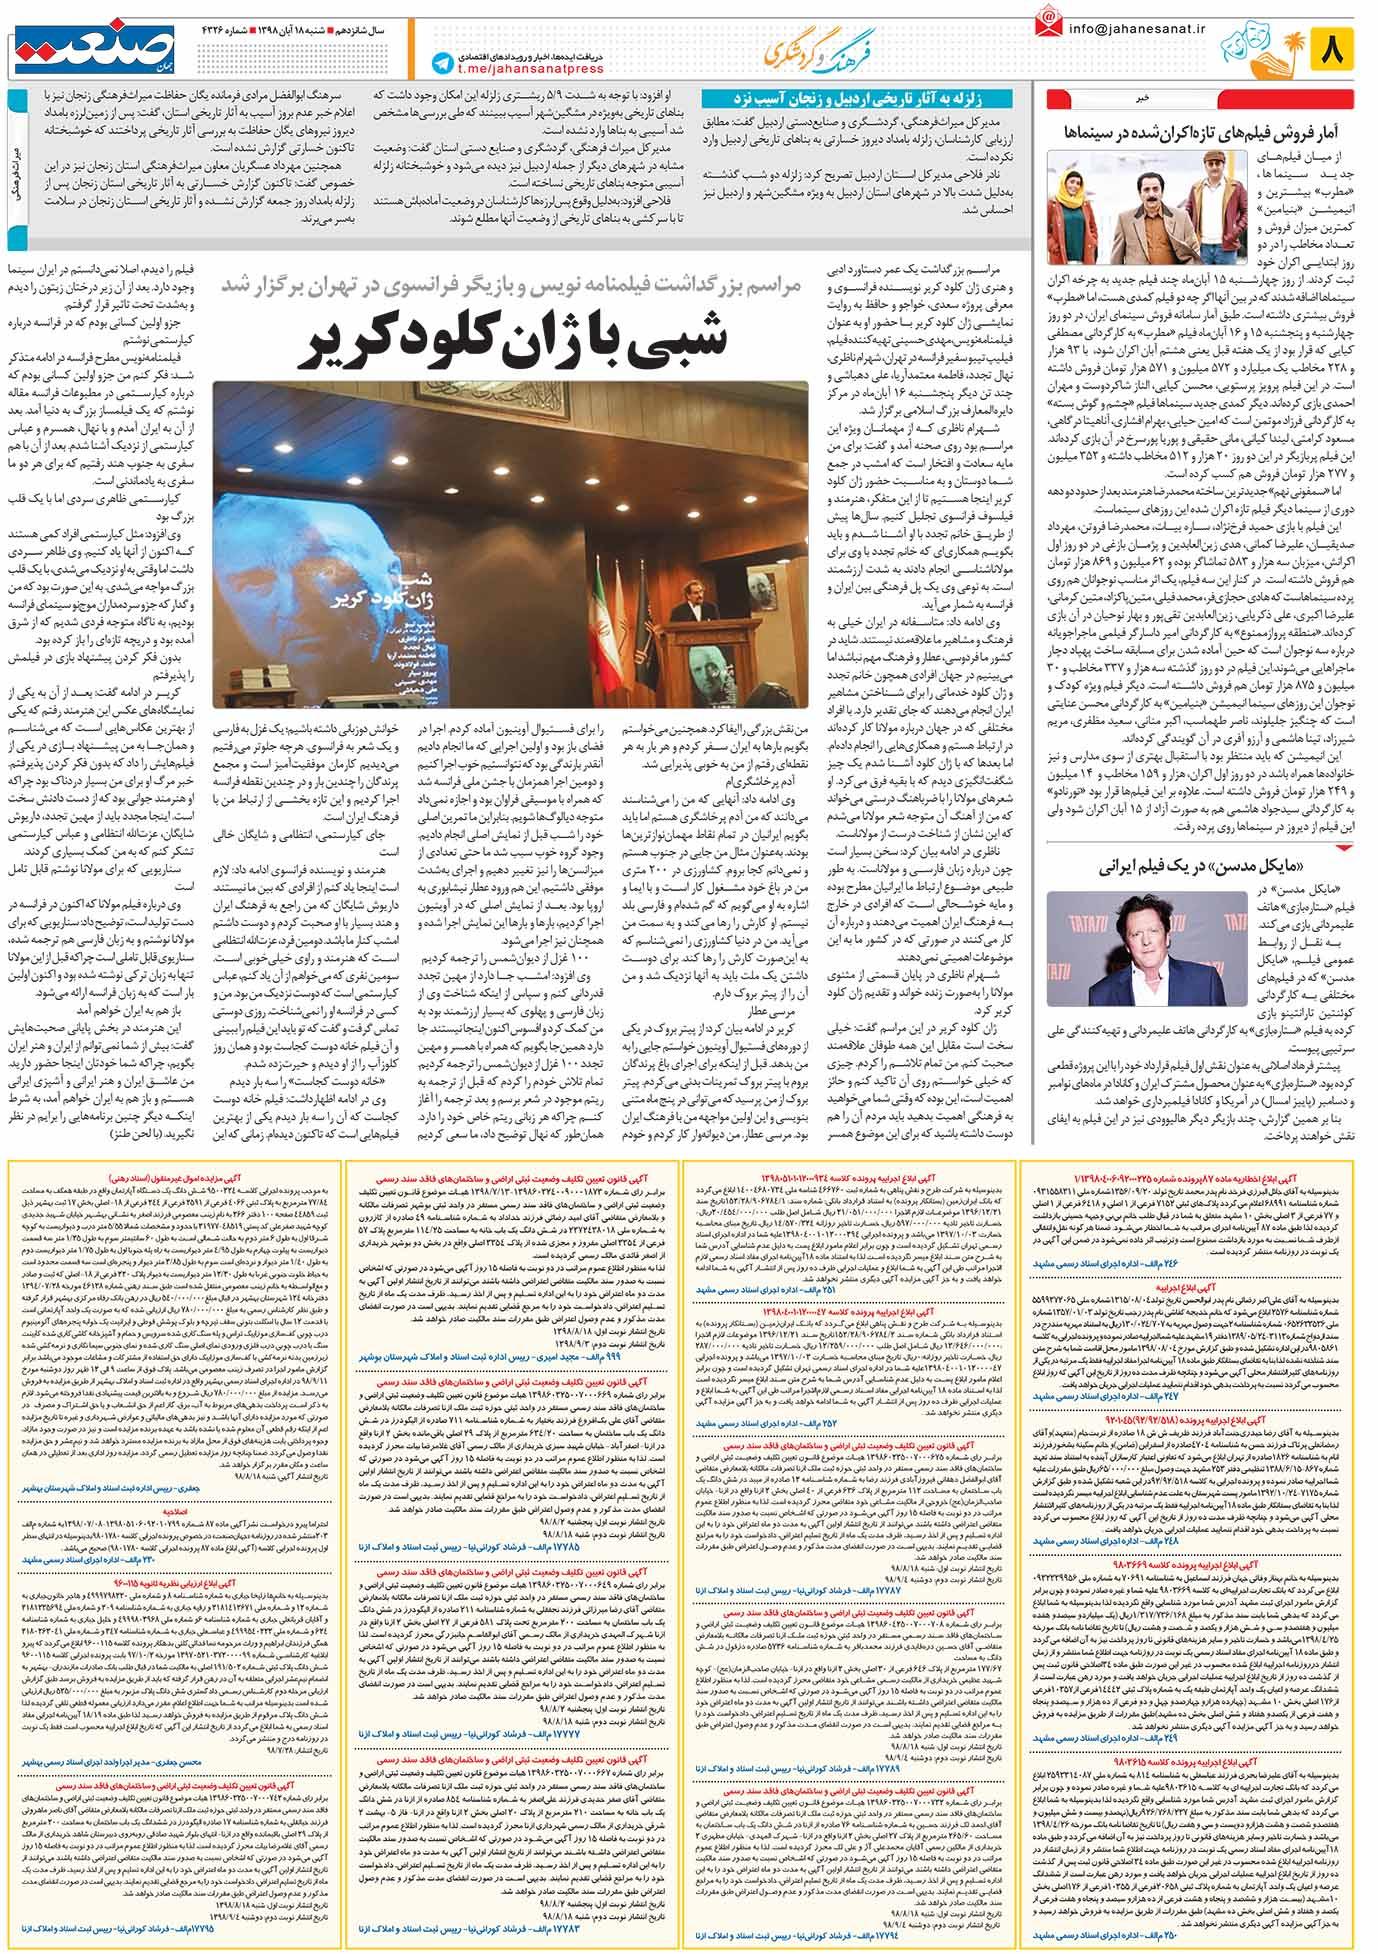 صفحه ۰۸- ۱۸آبان ۱۳۹۸